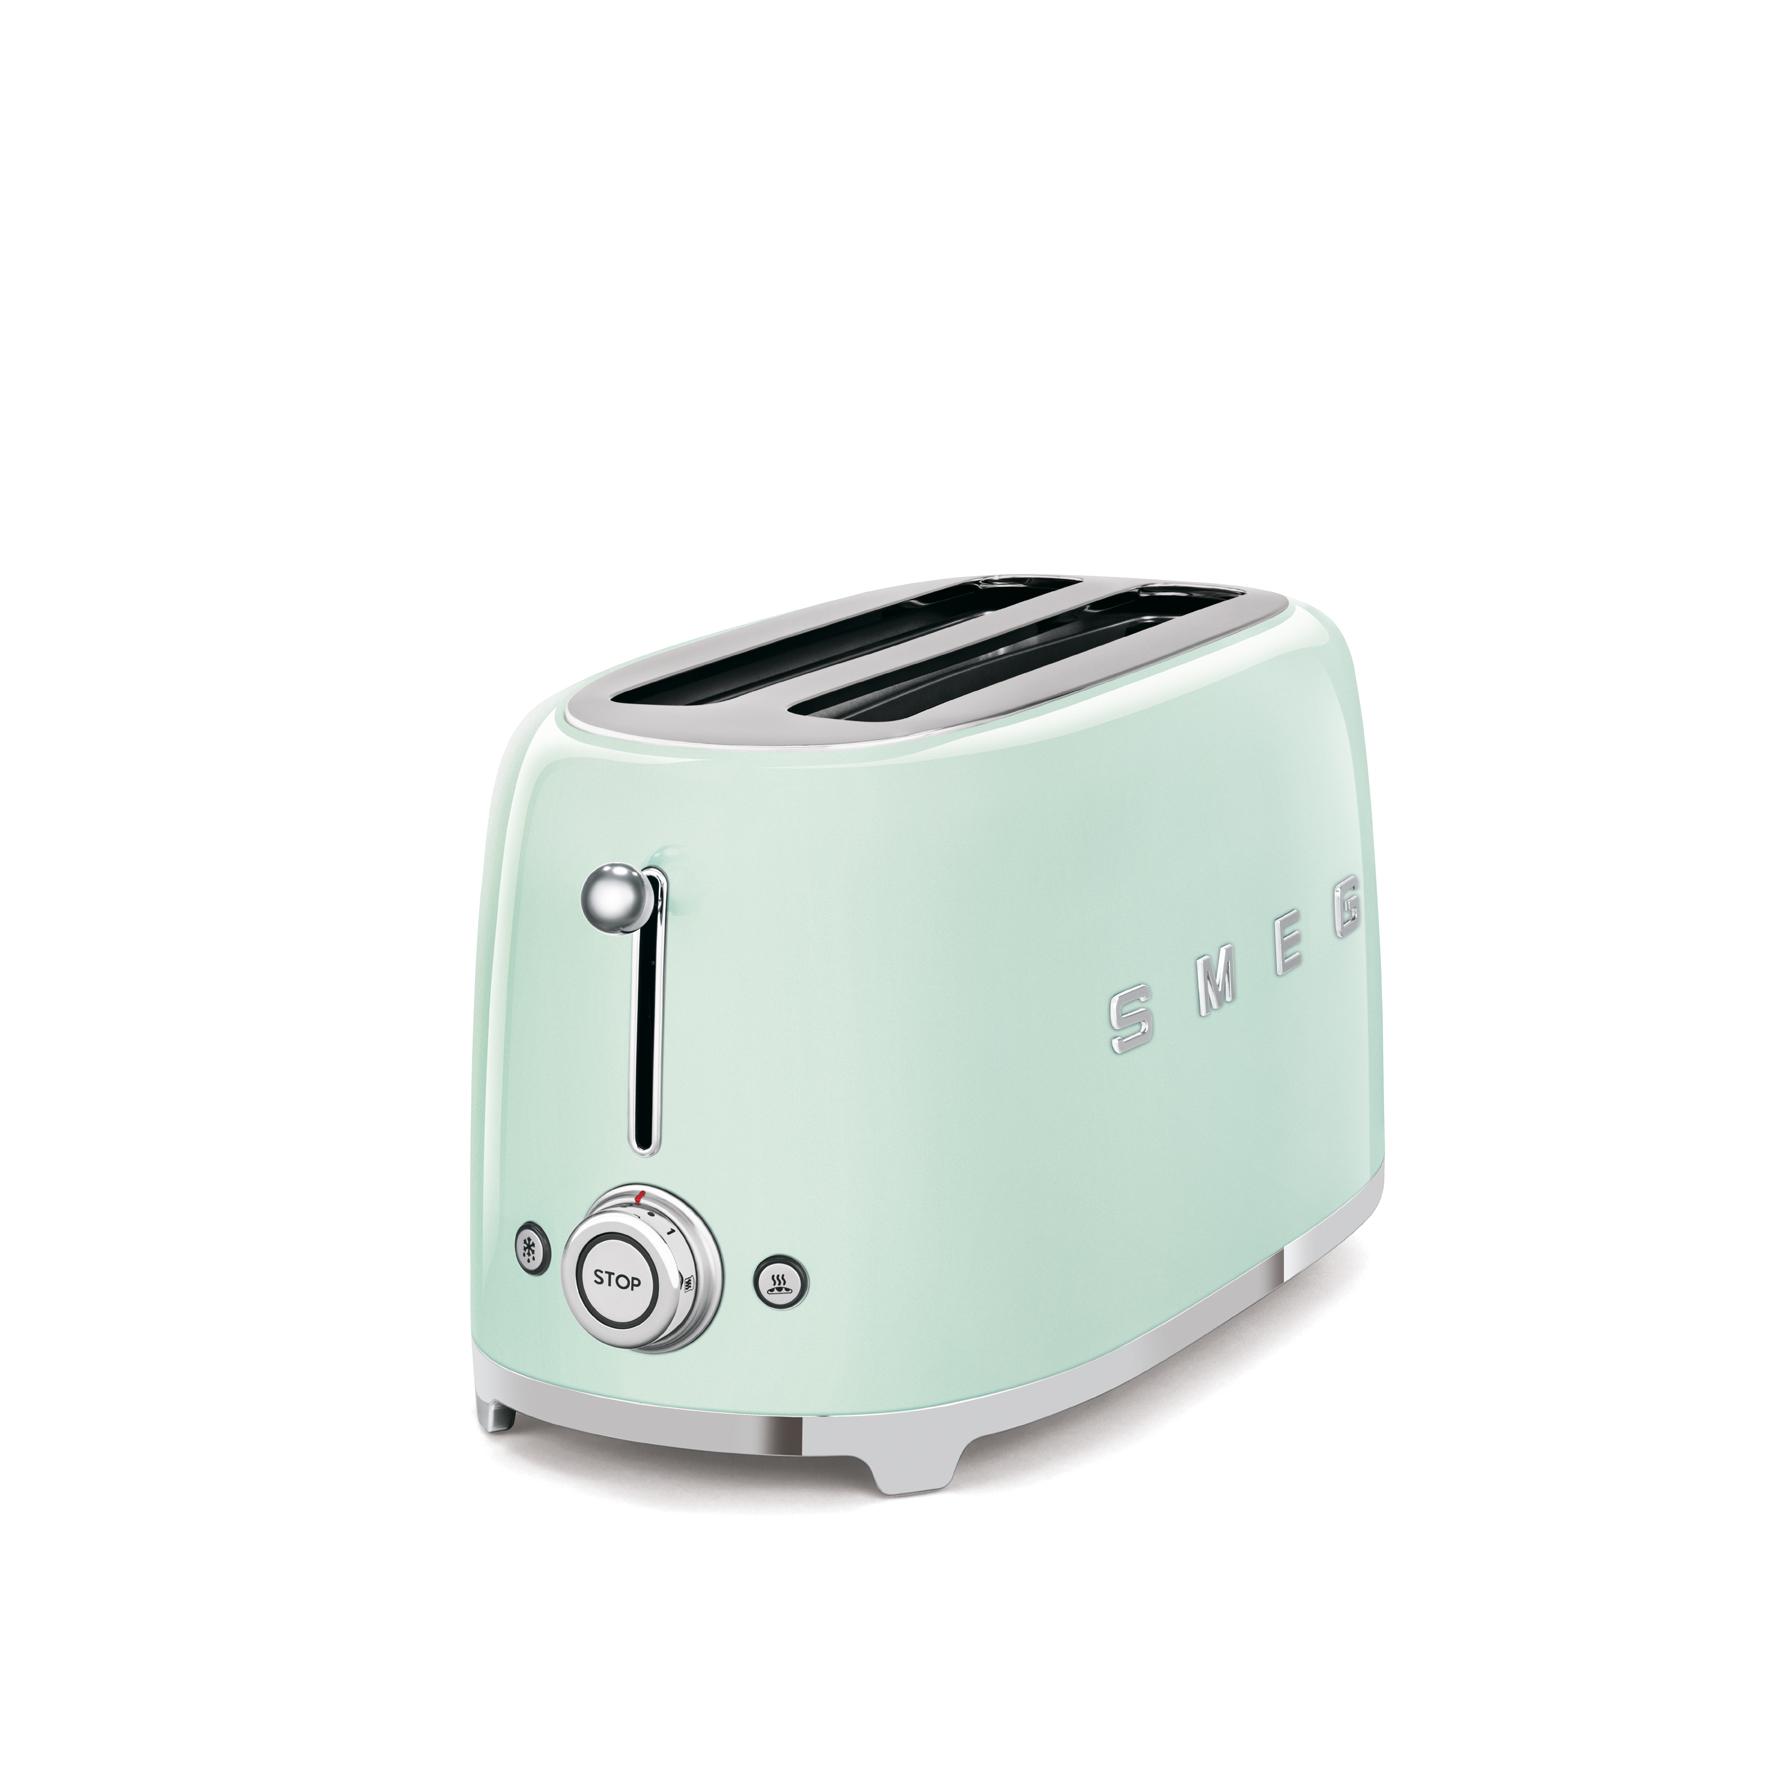 Innovativer Designer 2 Schlitz Toaster Von Smeg Kuchengerate Und Elektrogerate Aus Dem Mobelhaus Chemnitz Tuffner Mobelgalerie Tuffner Onlineshop